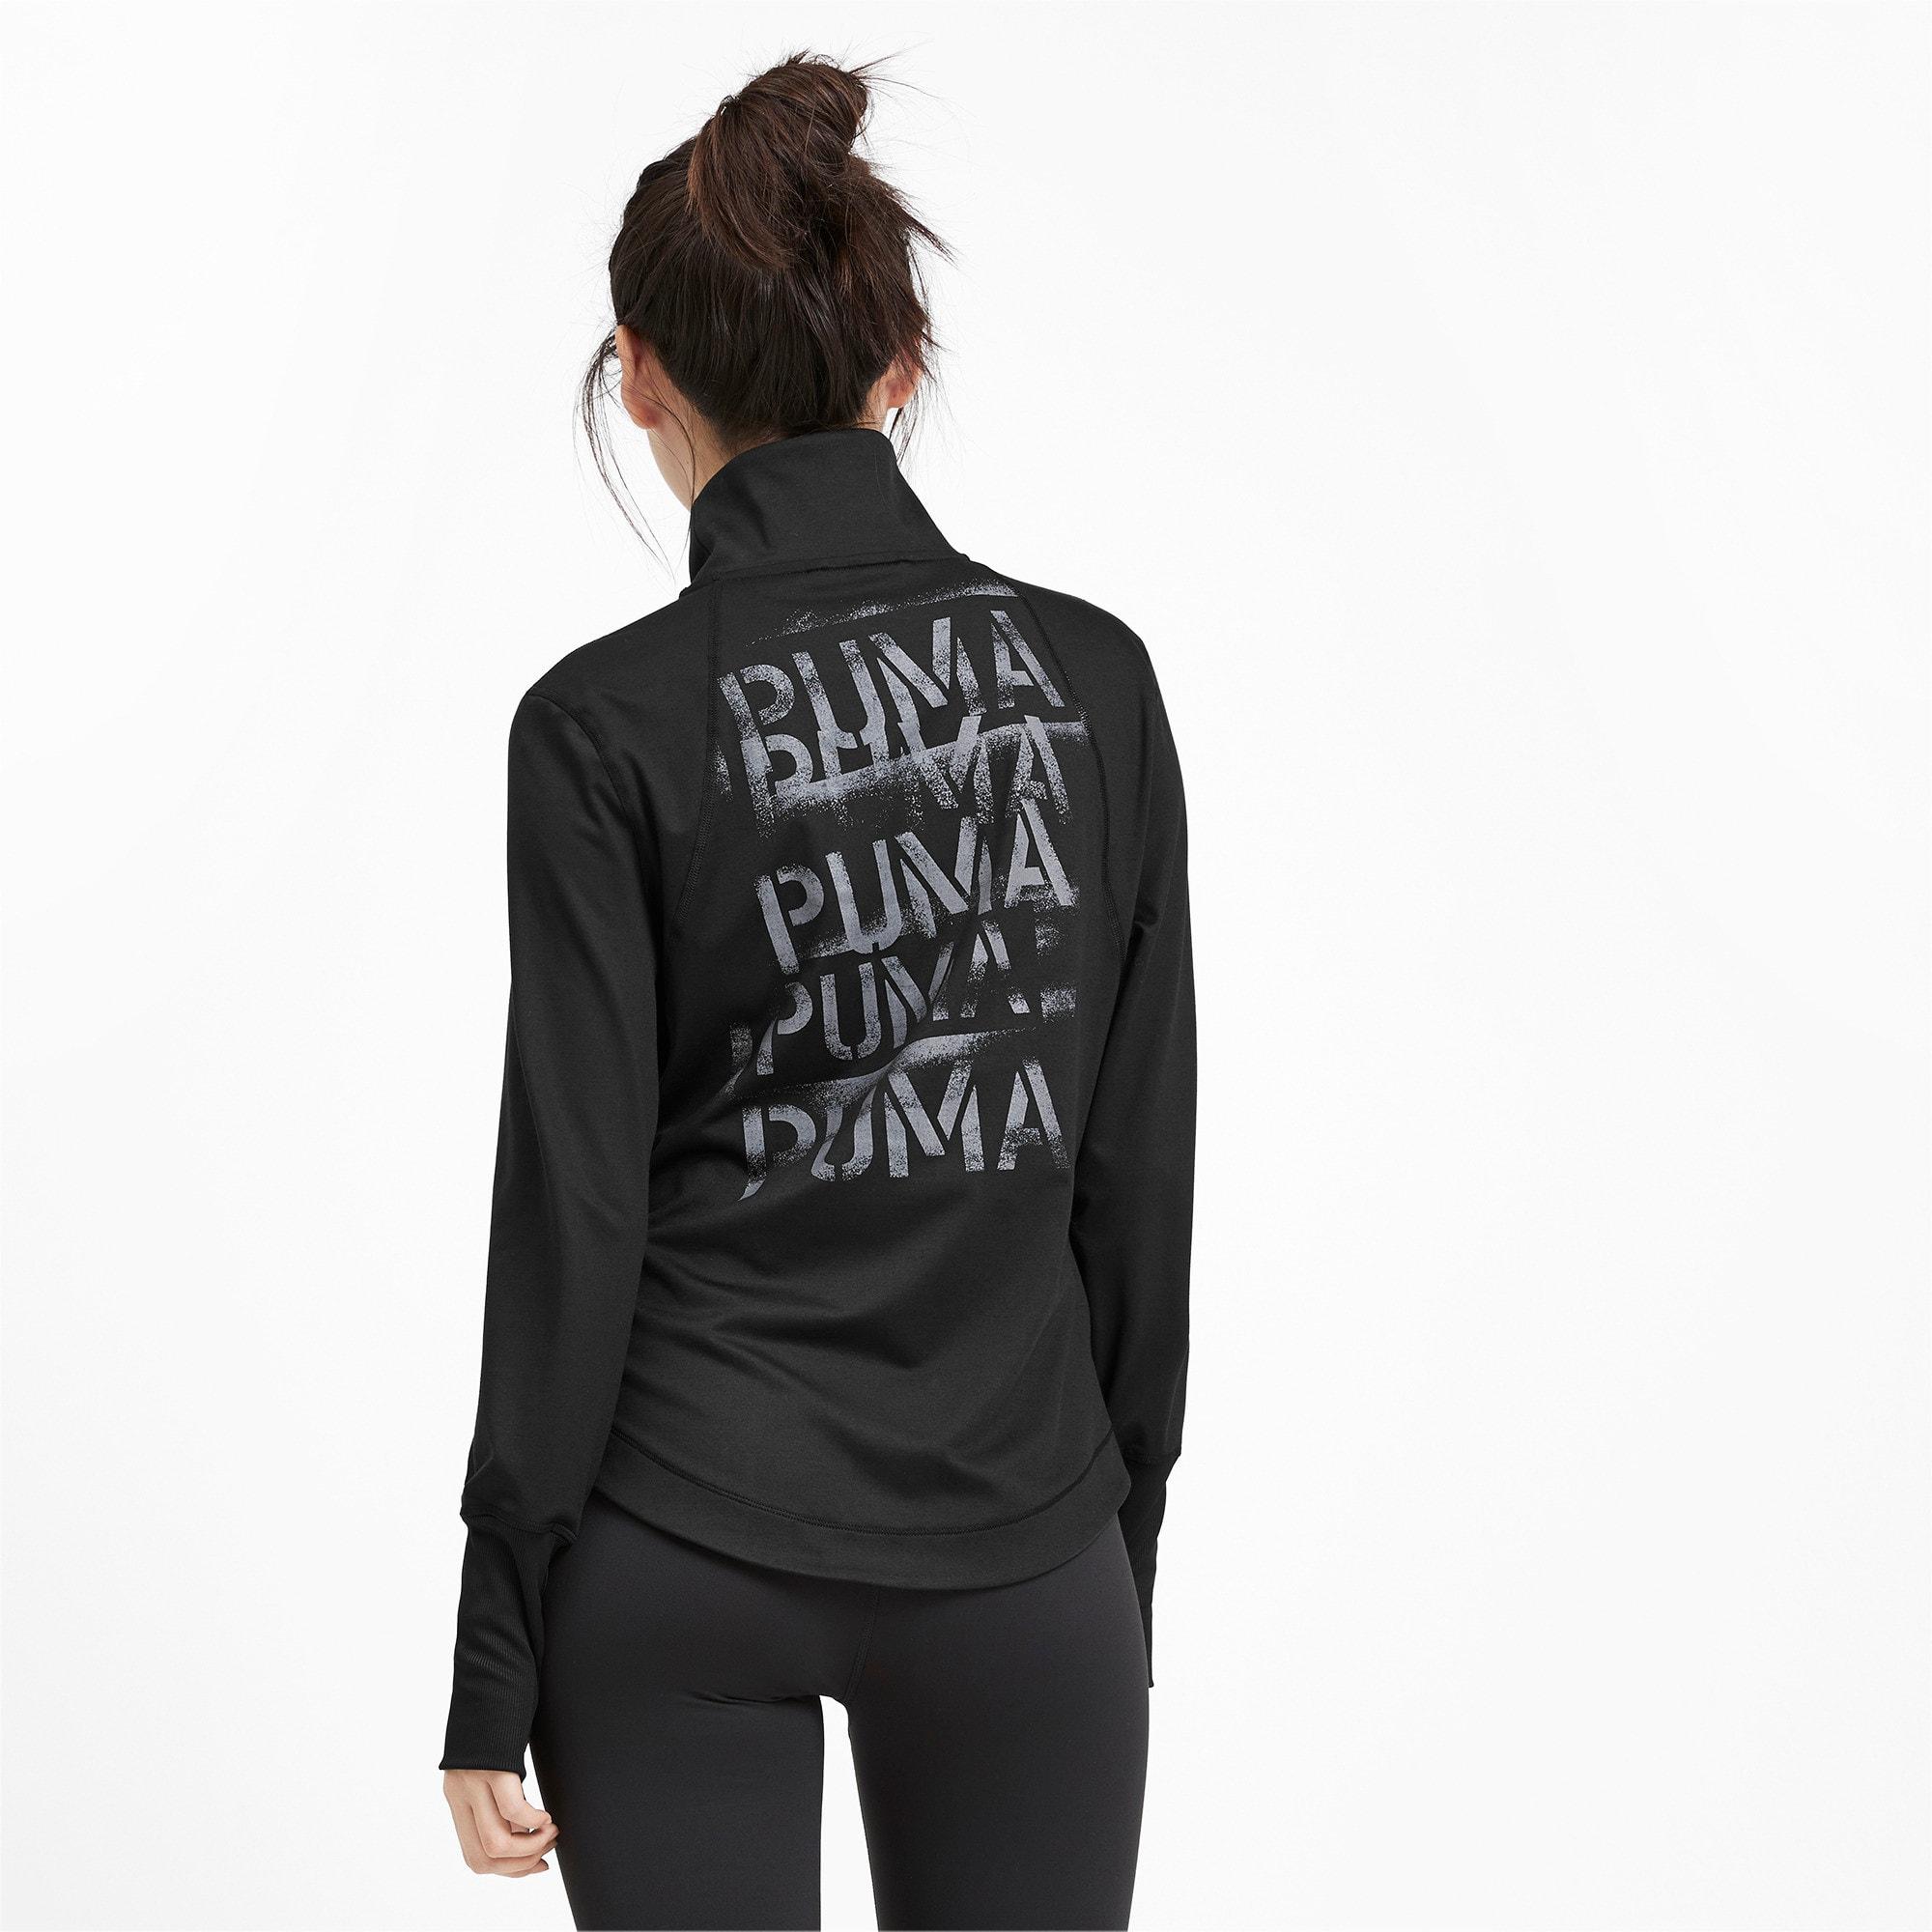 Thumbnail 3 of スタジオ ウィメンズ トレーニング ニット ジャケット, Puma Black, medium-JPN